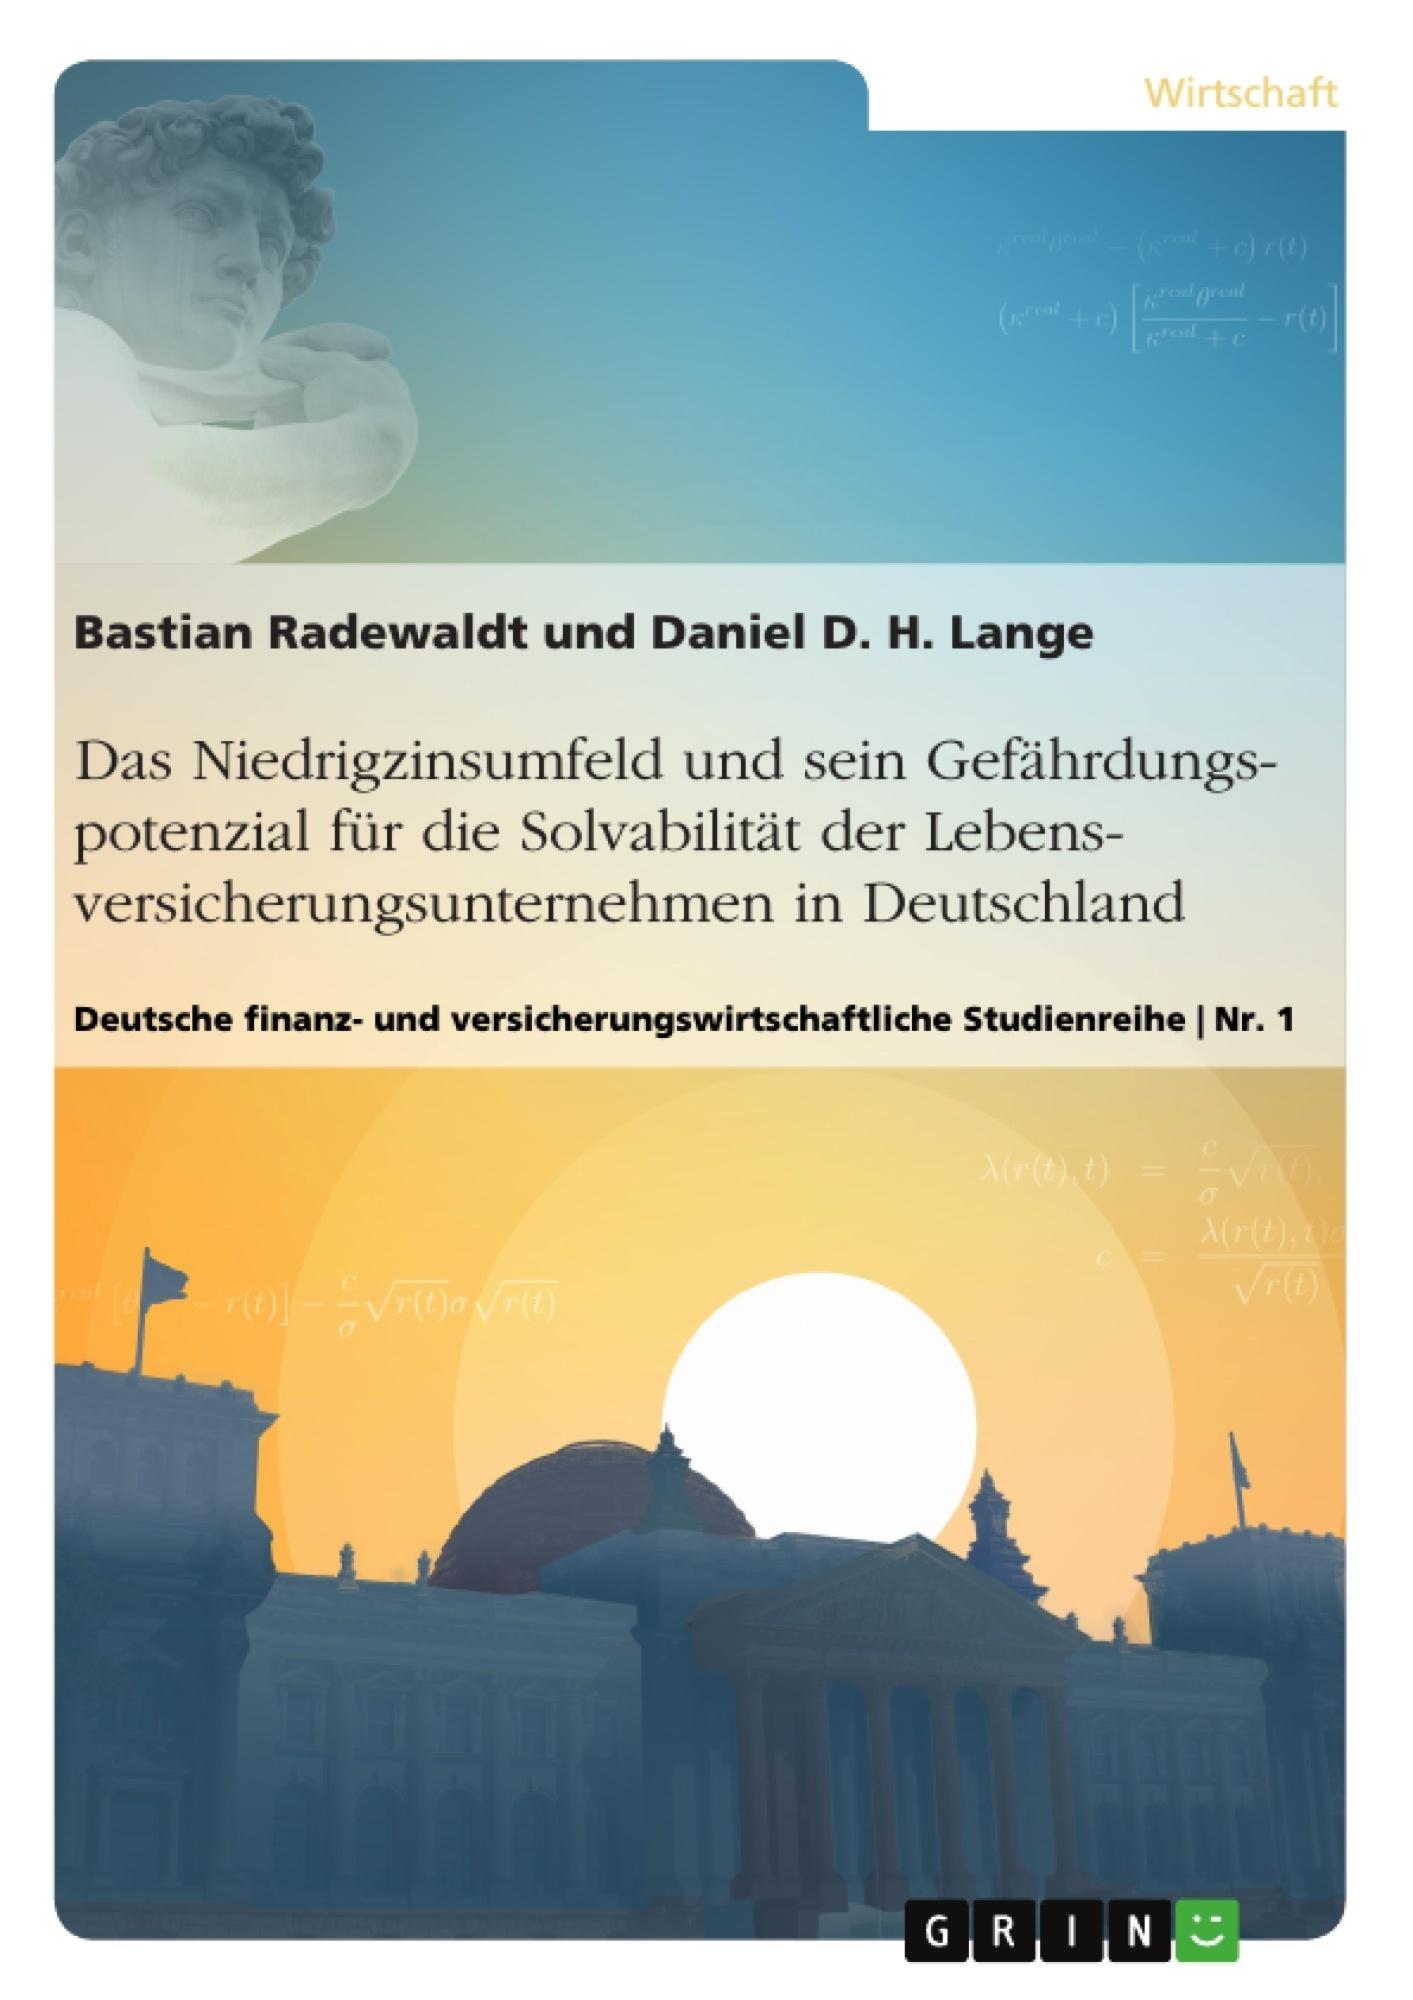 Titel: Das Niedrigzinsumfeld und sein Gefährdungspotenzial für die Solvabilität der Lebensversicherungsunternehmen in Deutschland